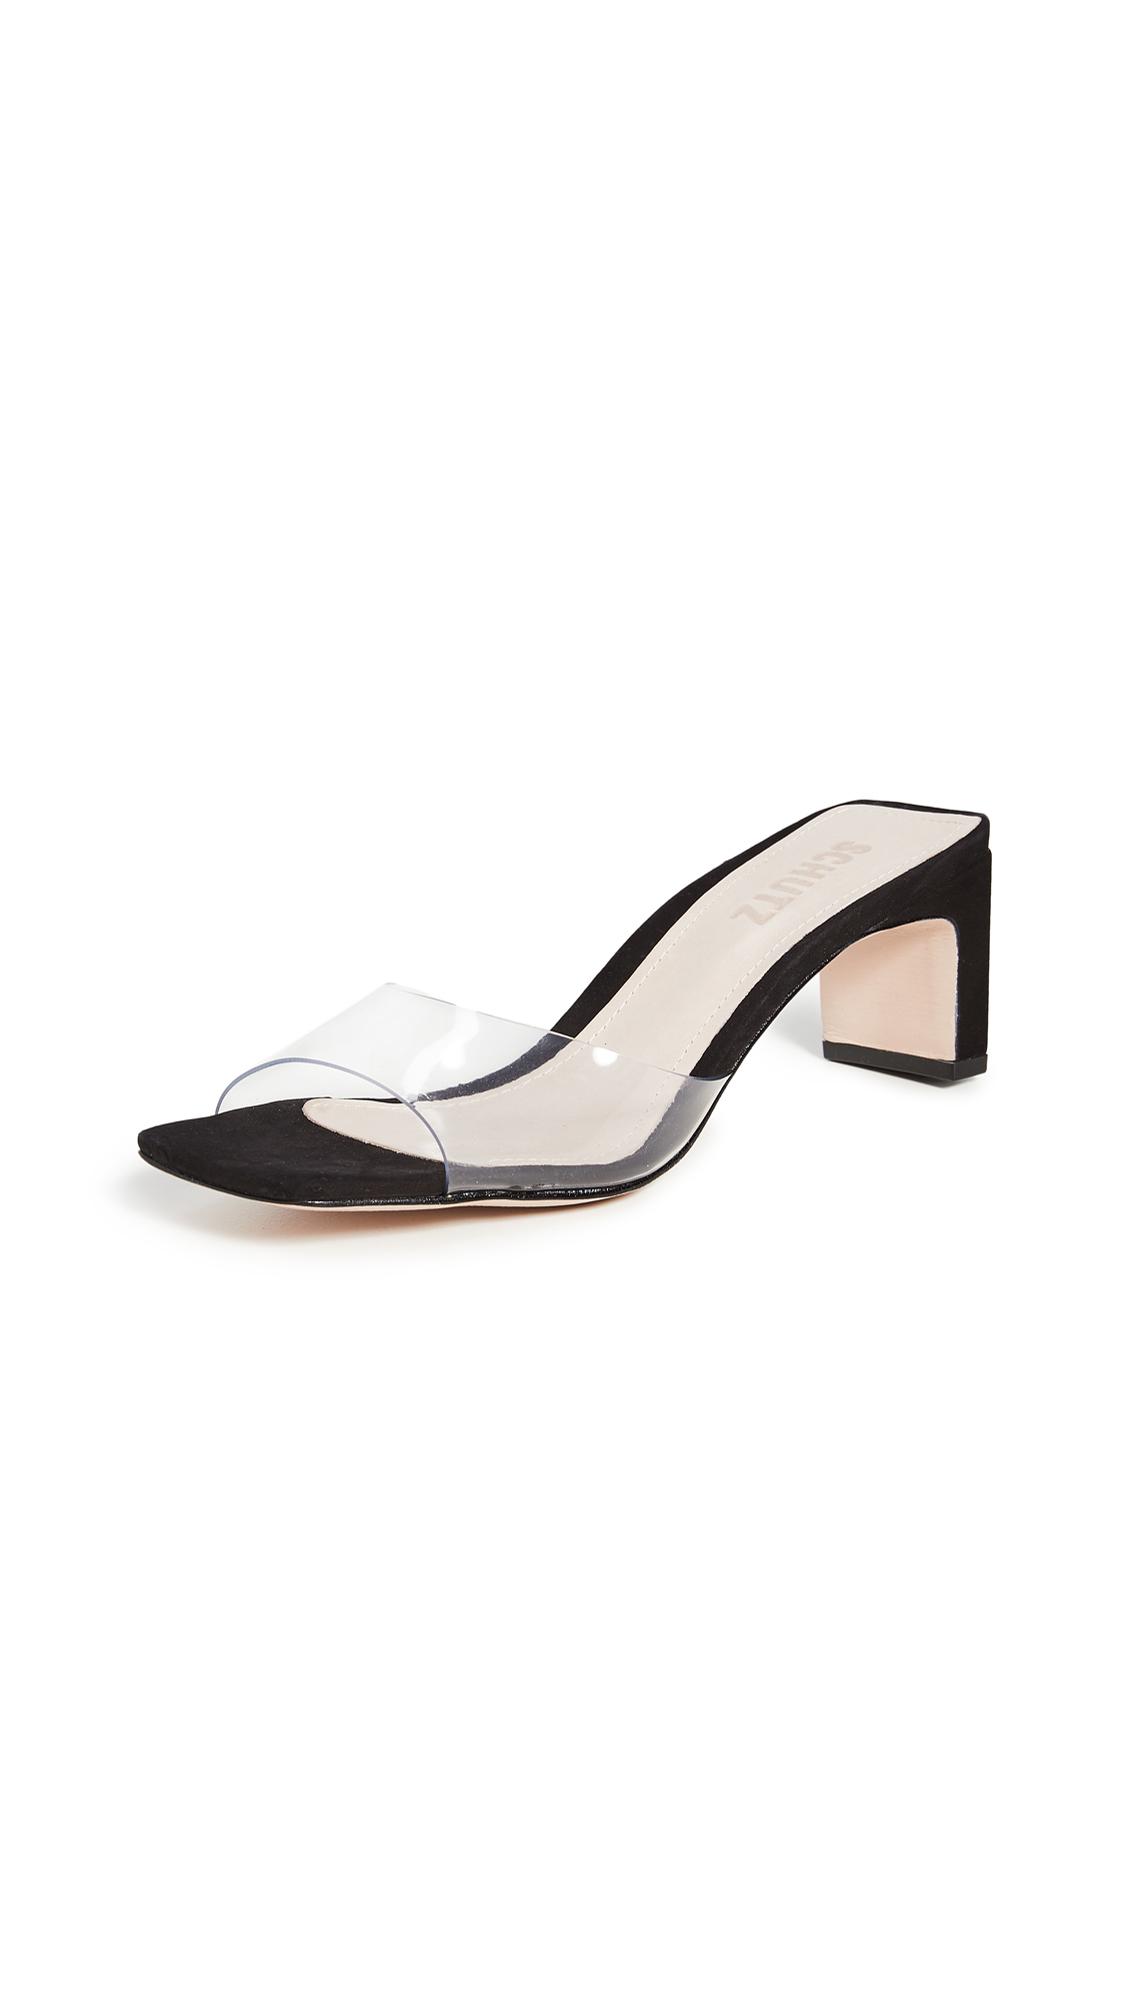 Buy Schutz Onoria Slides online, shop Schutz